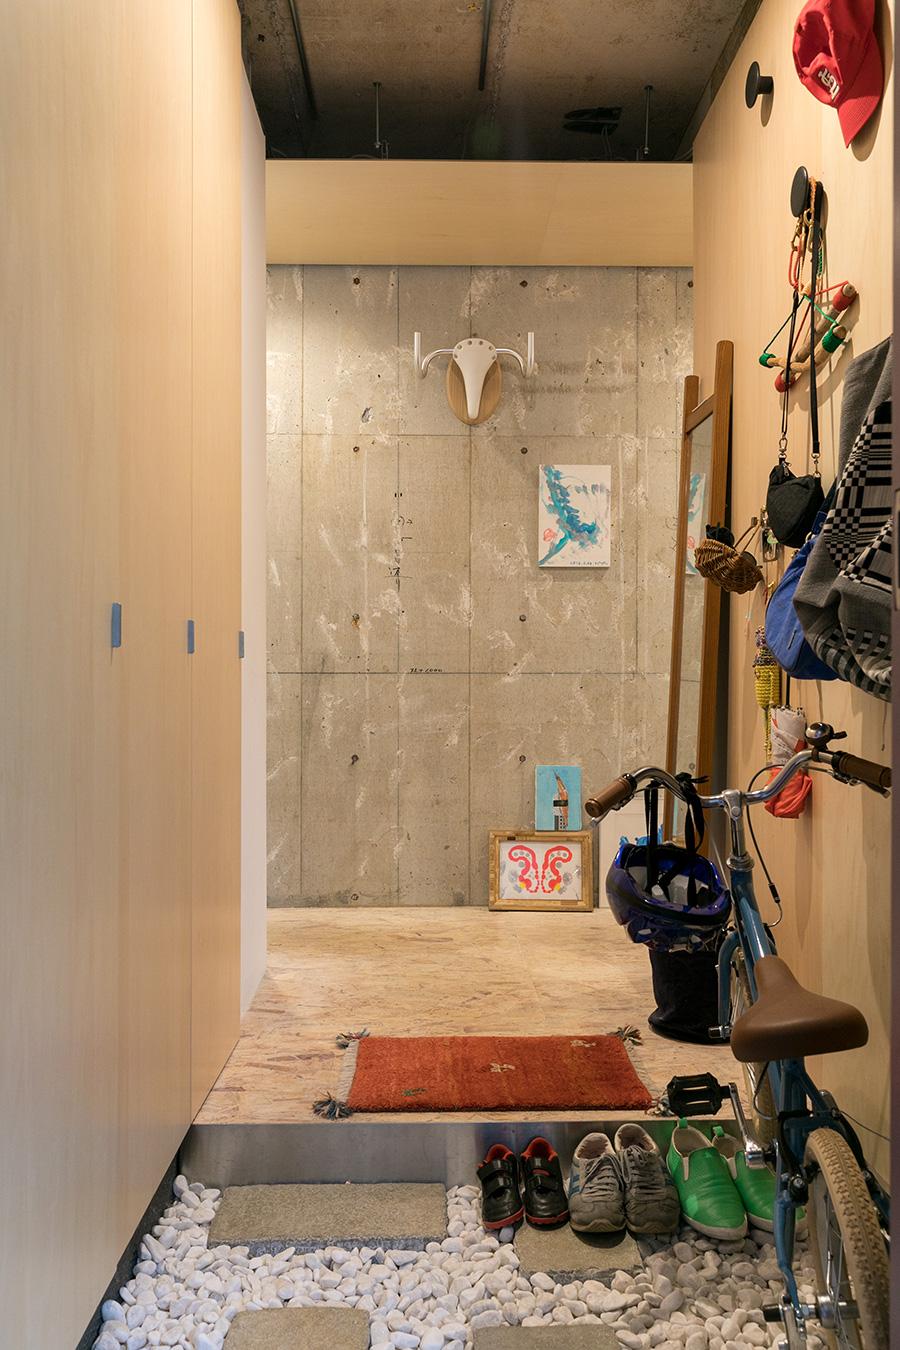 """「実家に帰った時に近所のホームセンターで買った玉砂利を玄関に敷きました」 正面のサドルとハンドルで作ったオブジェは賢策さんの""""日曜アート""""だそう。右の壁の丸いフックは後から賢策さんが取付けた。"""